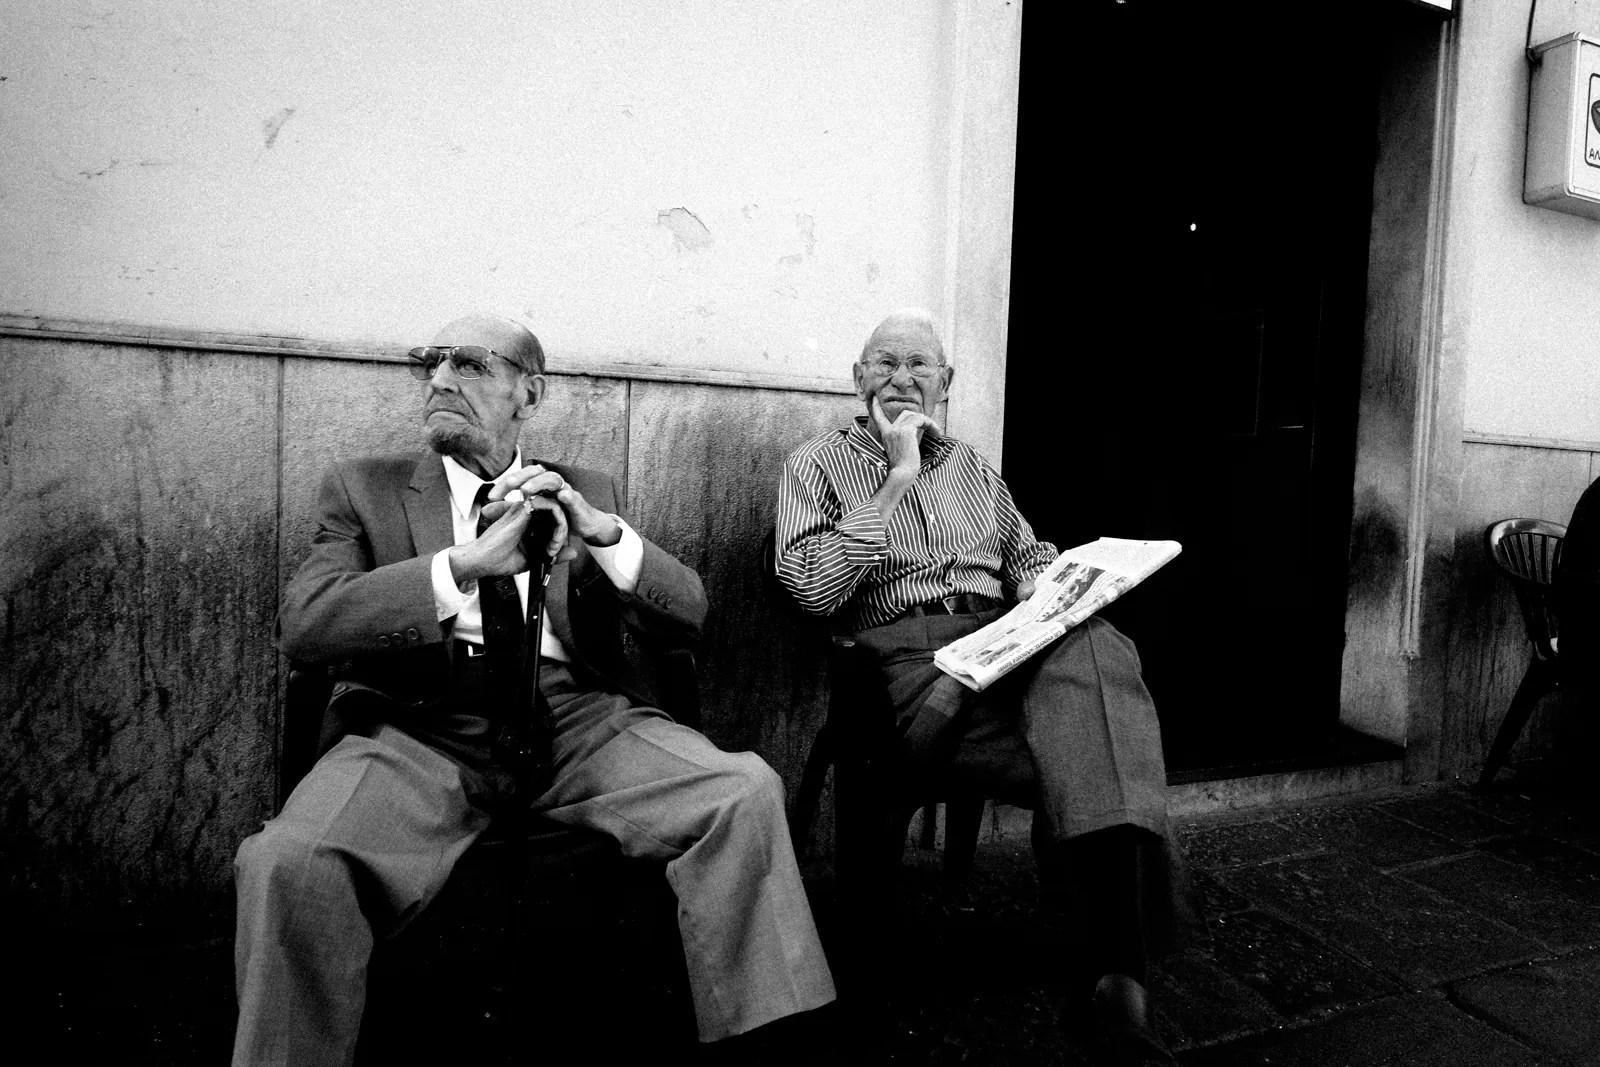 DSCF5566 - Darwin e la Street Photography - fotostreet.it